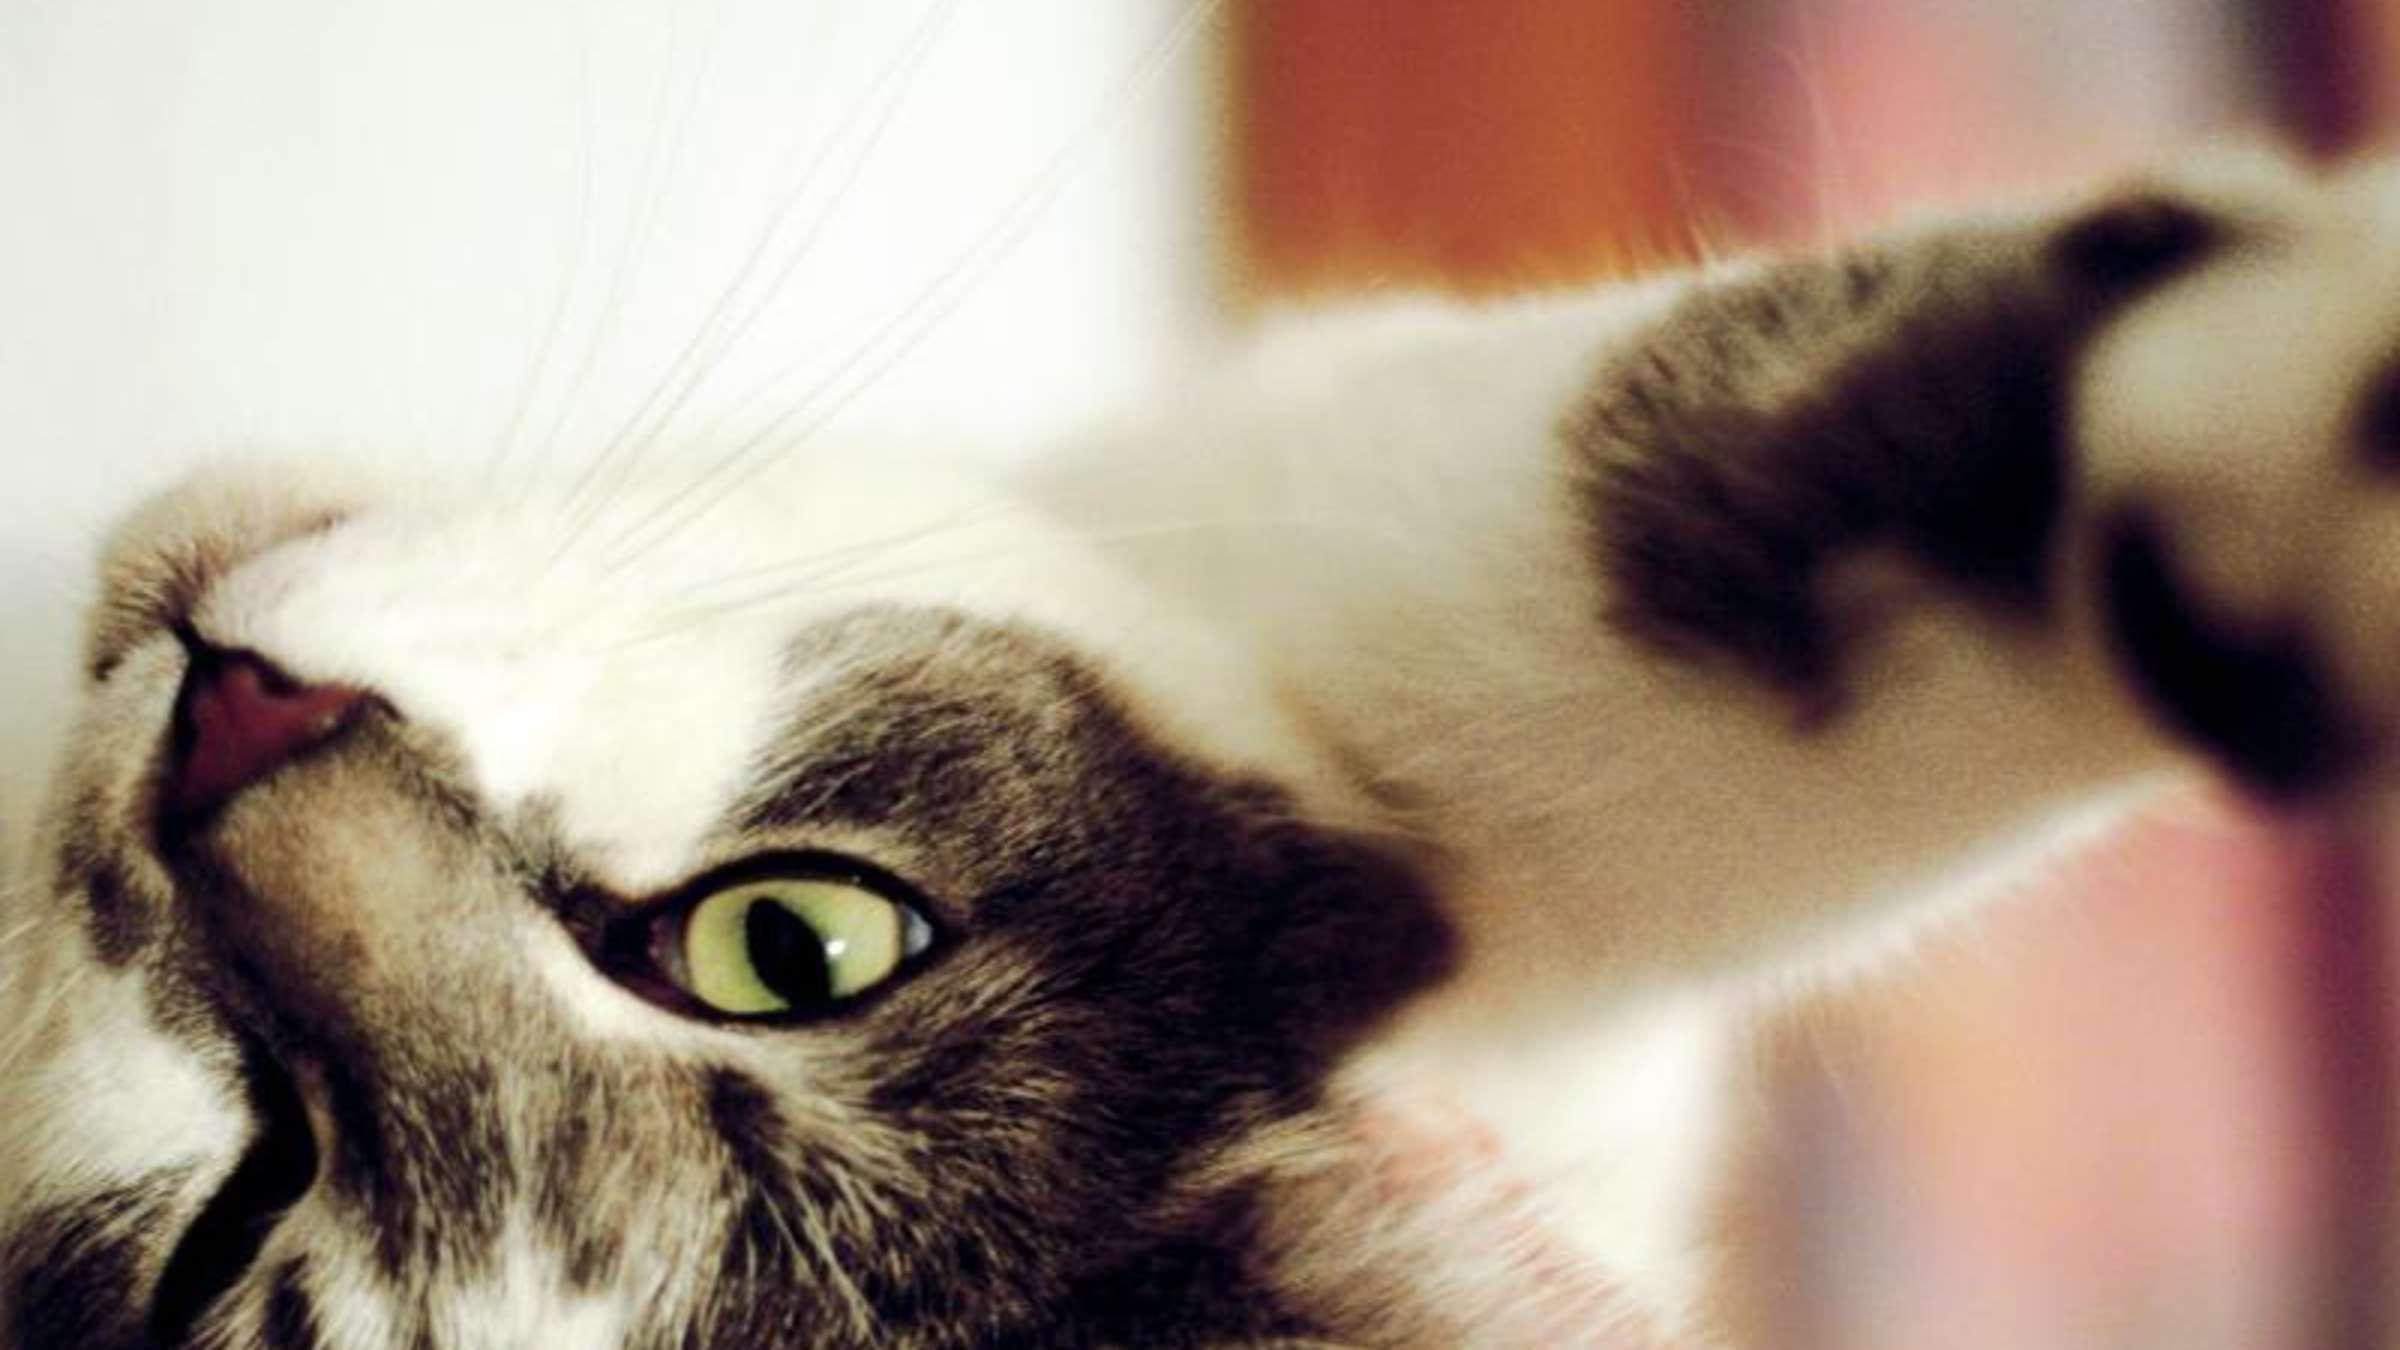 Katzenallergie hilfe asthma bei Katze trotz